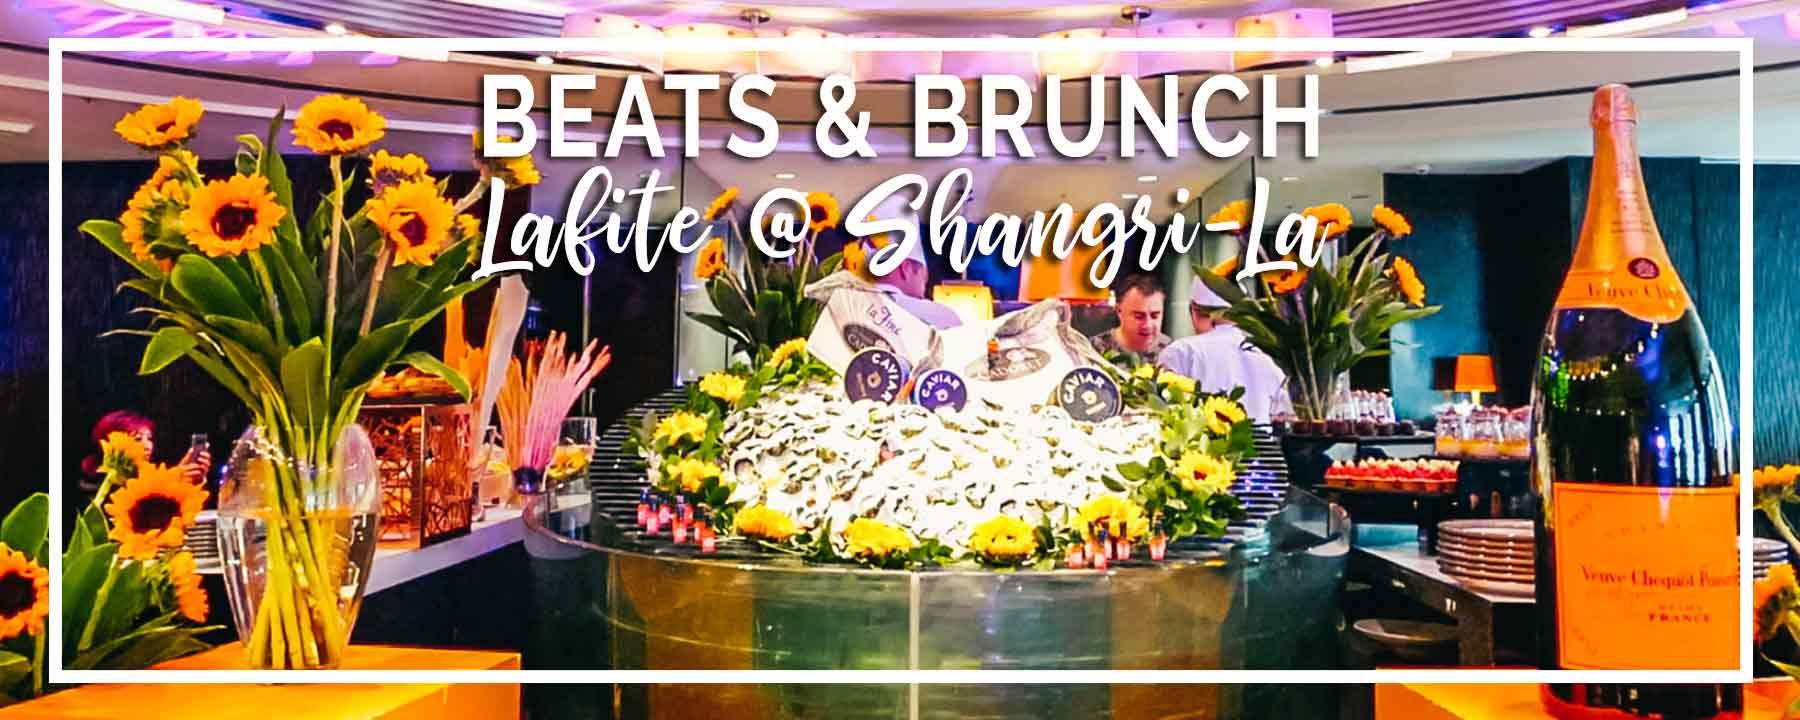 Beats & Brunch at Lafite Shangri-La Kuala Lumpur | Best Party Champagne Brunch